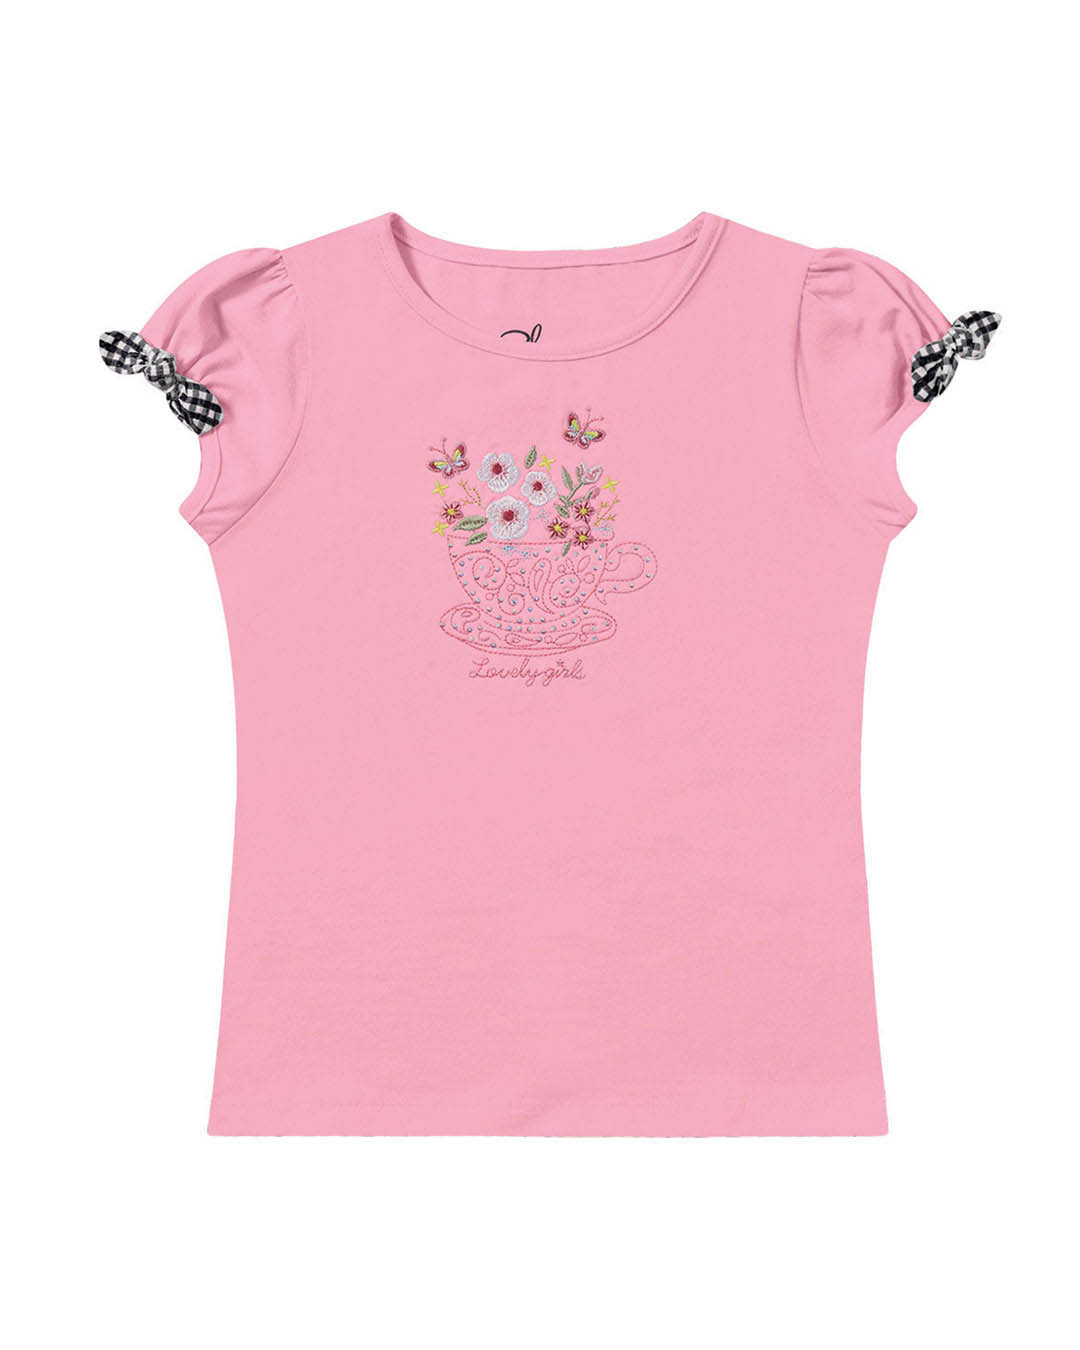 Blusa infantil Xícara e Flores - Playground